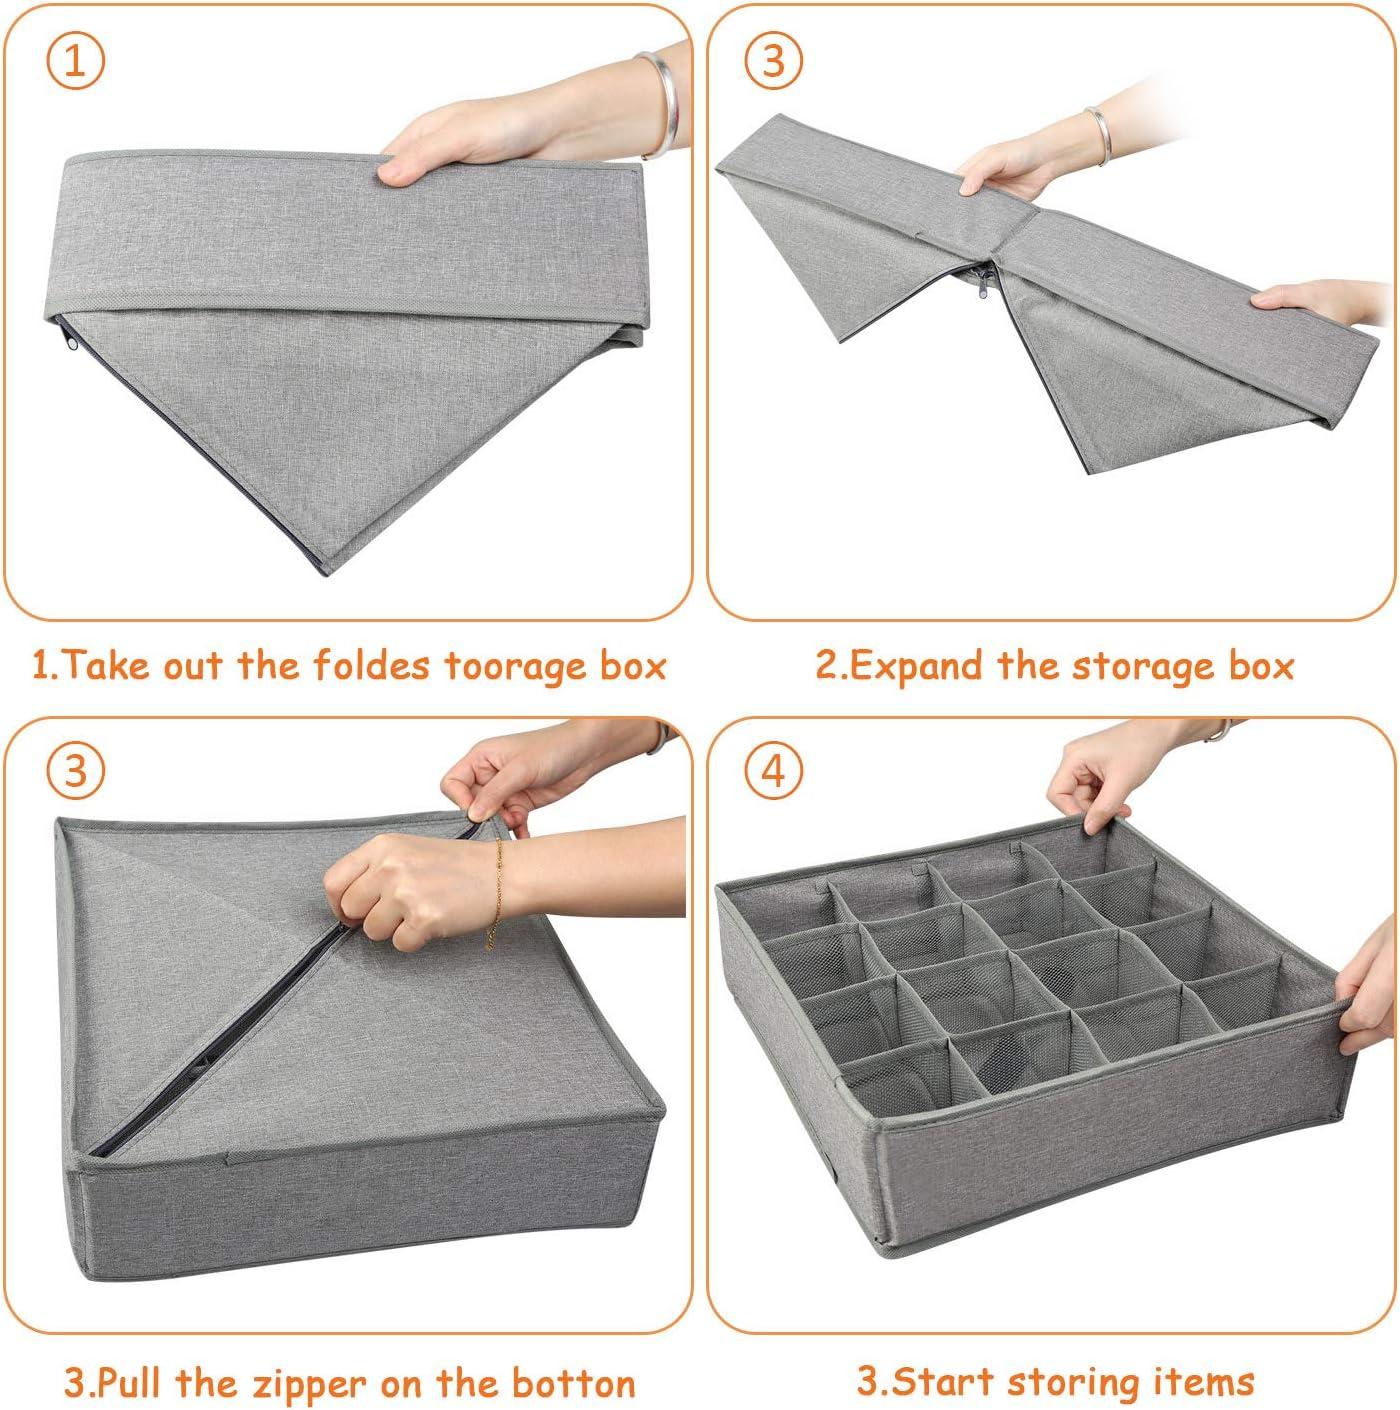 3 PCS Lavable Caja de Almacenamiento Plegable para Cajones LEADSTAR Organizador de Cajones Corbata Gris Divisor de Armario para almacenar Calcetines Ropa Interior Organizador Sujetador